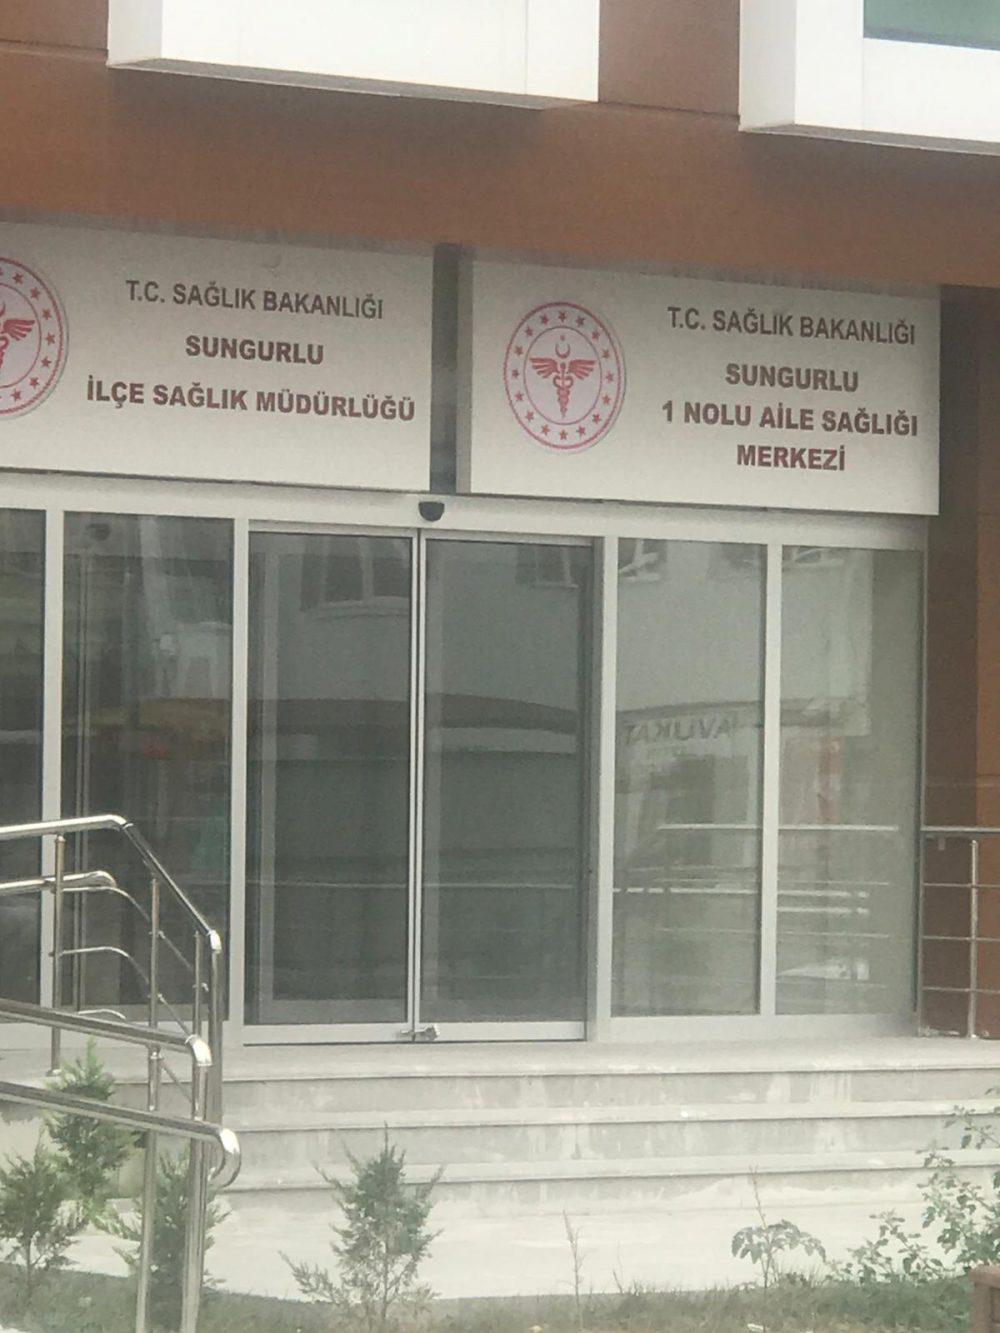 İYİ Parti Sungurlu İlçe Başkanı Dursun Kanmış, 2018 yılında yapımına başlanan ve 2020 Ocak ayında tamamlanan sağlık kompleksinin daha ne kadar boş bekleyeceğini sordu. | Sungurlu Haber